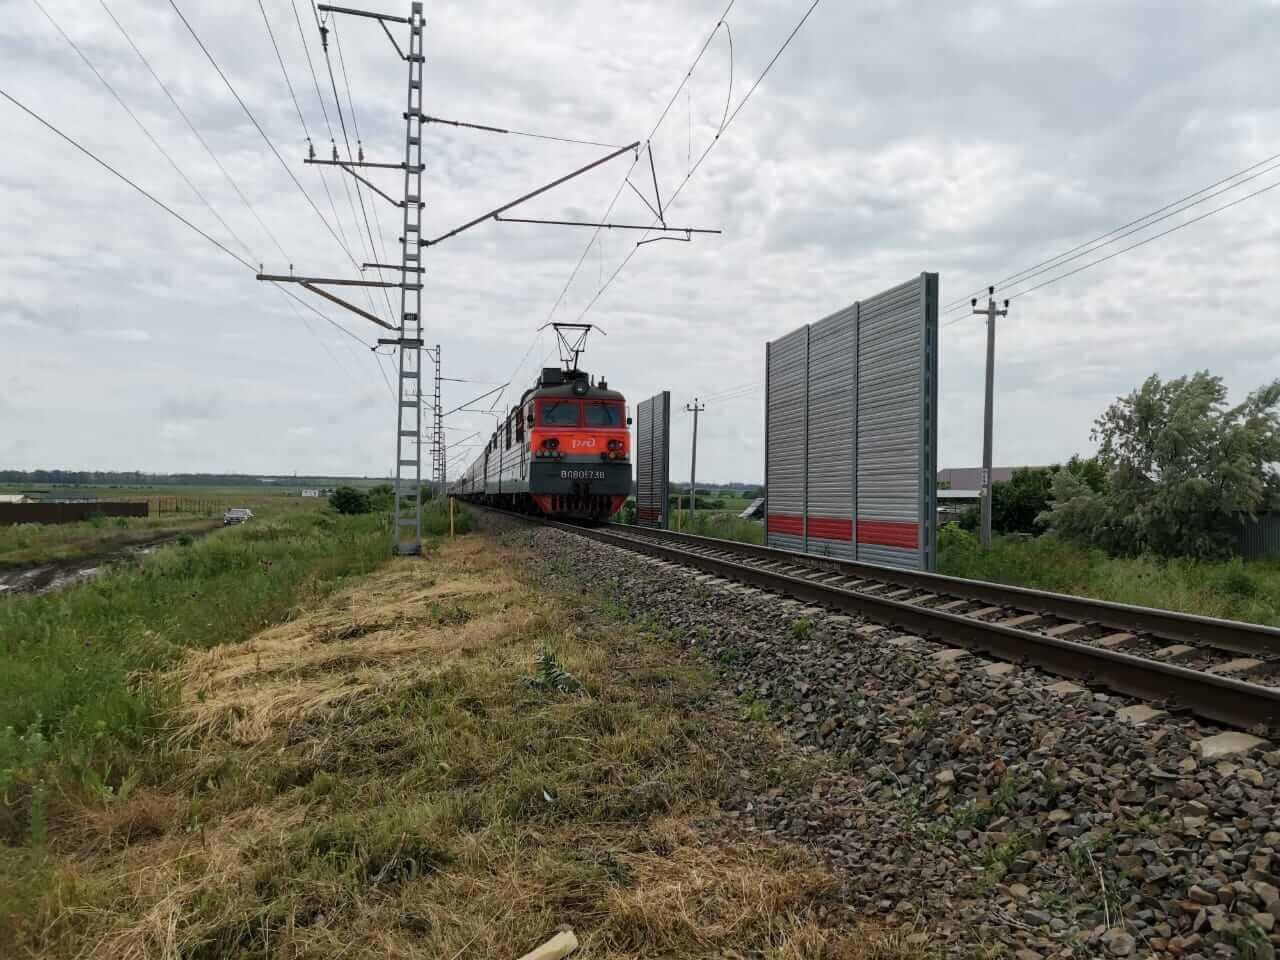 В прокуратуре начали проверку по факту смертельного ДТП с поездом в Анапе